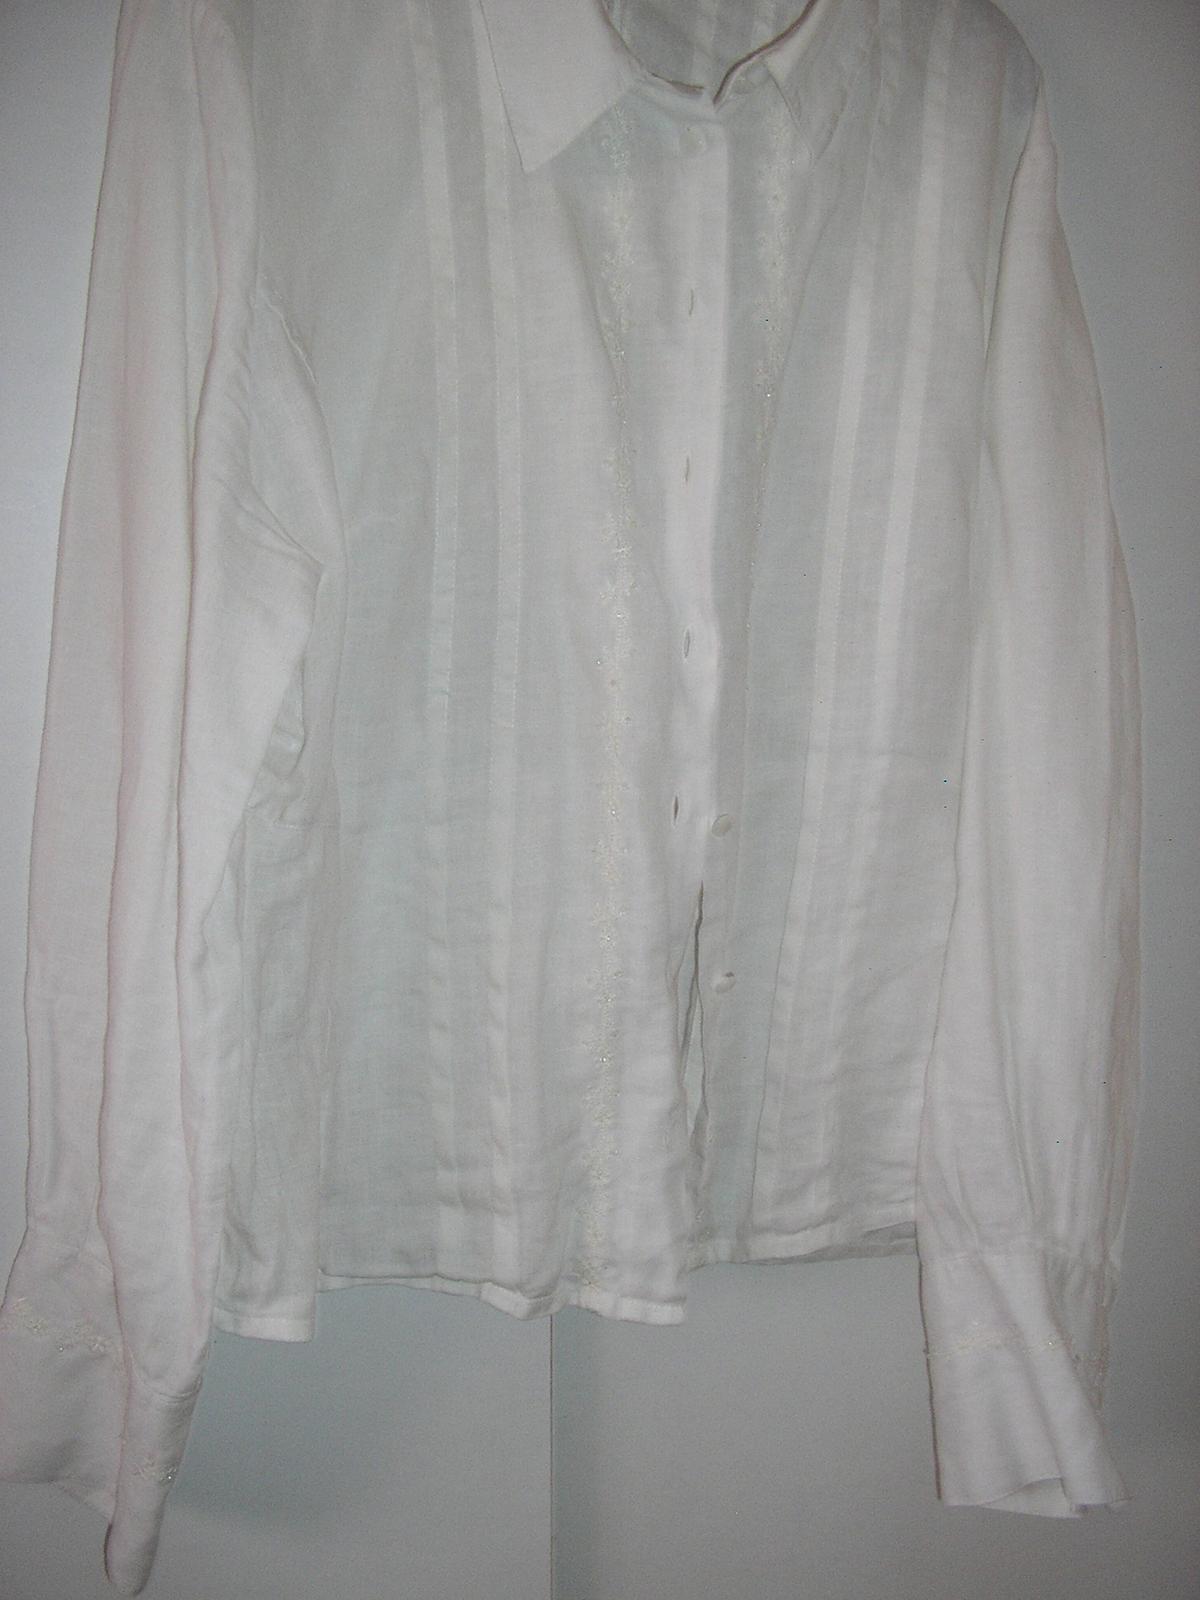 779.  Biela košeľa eleg. - Obrázok č. 1